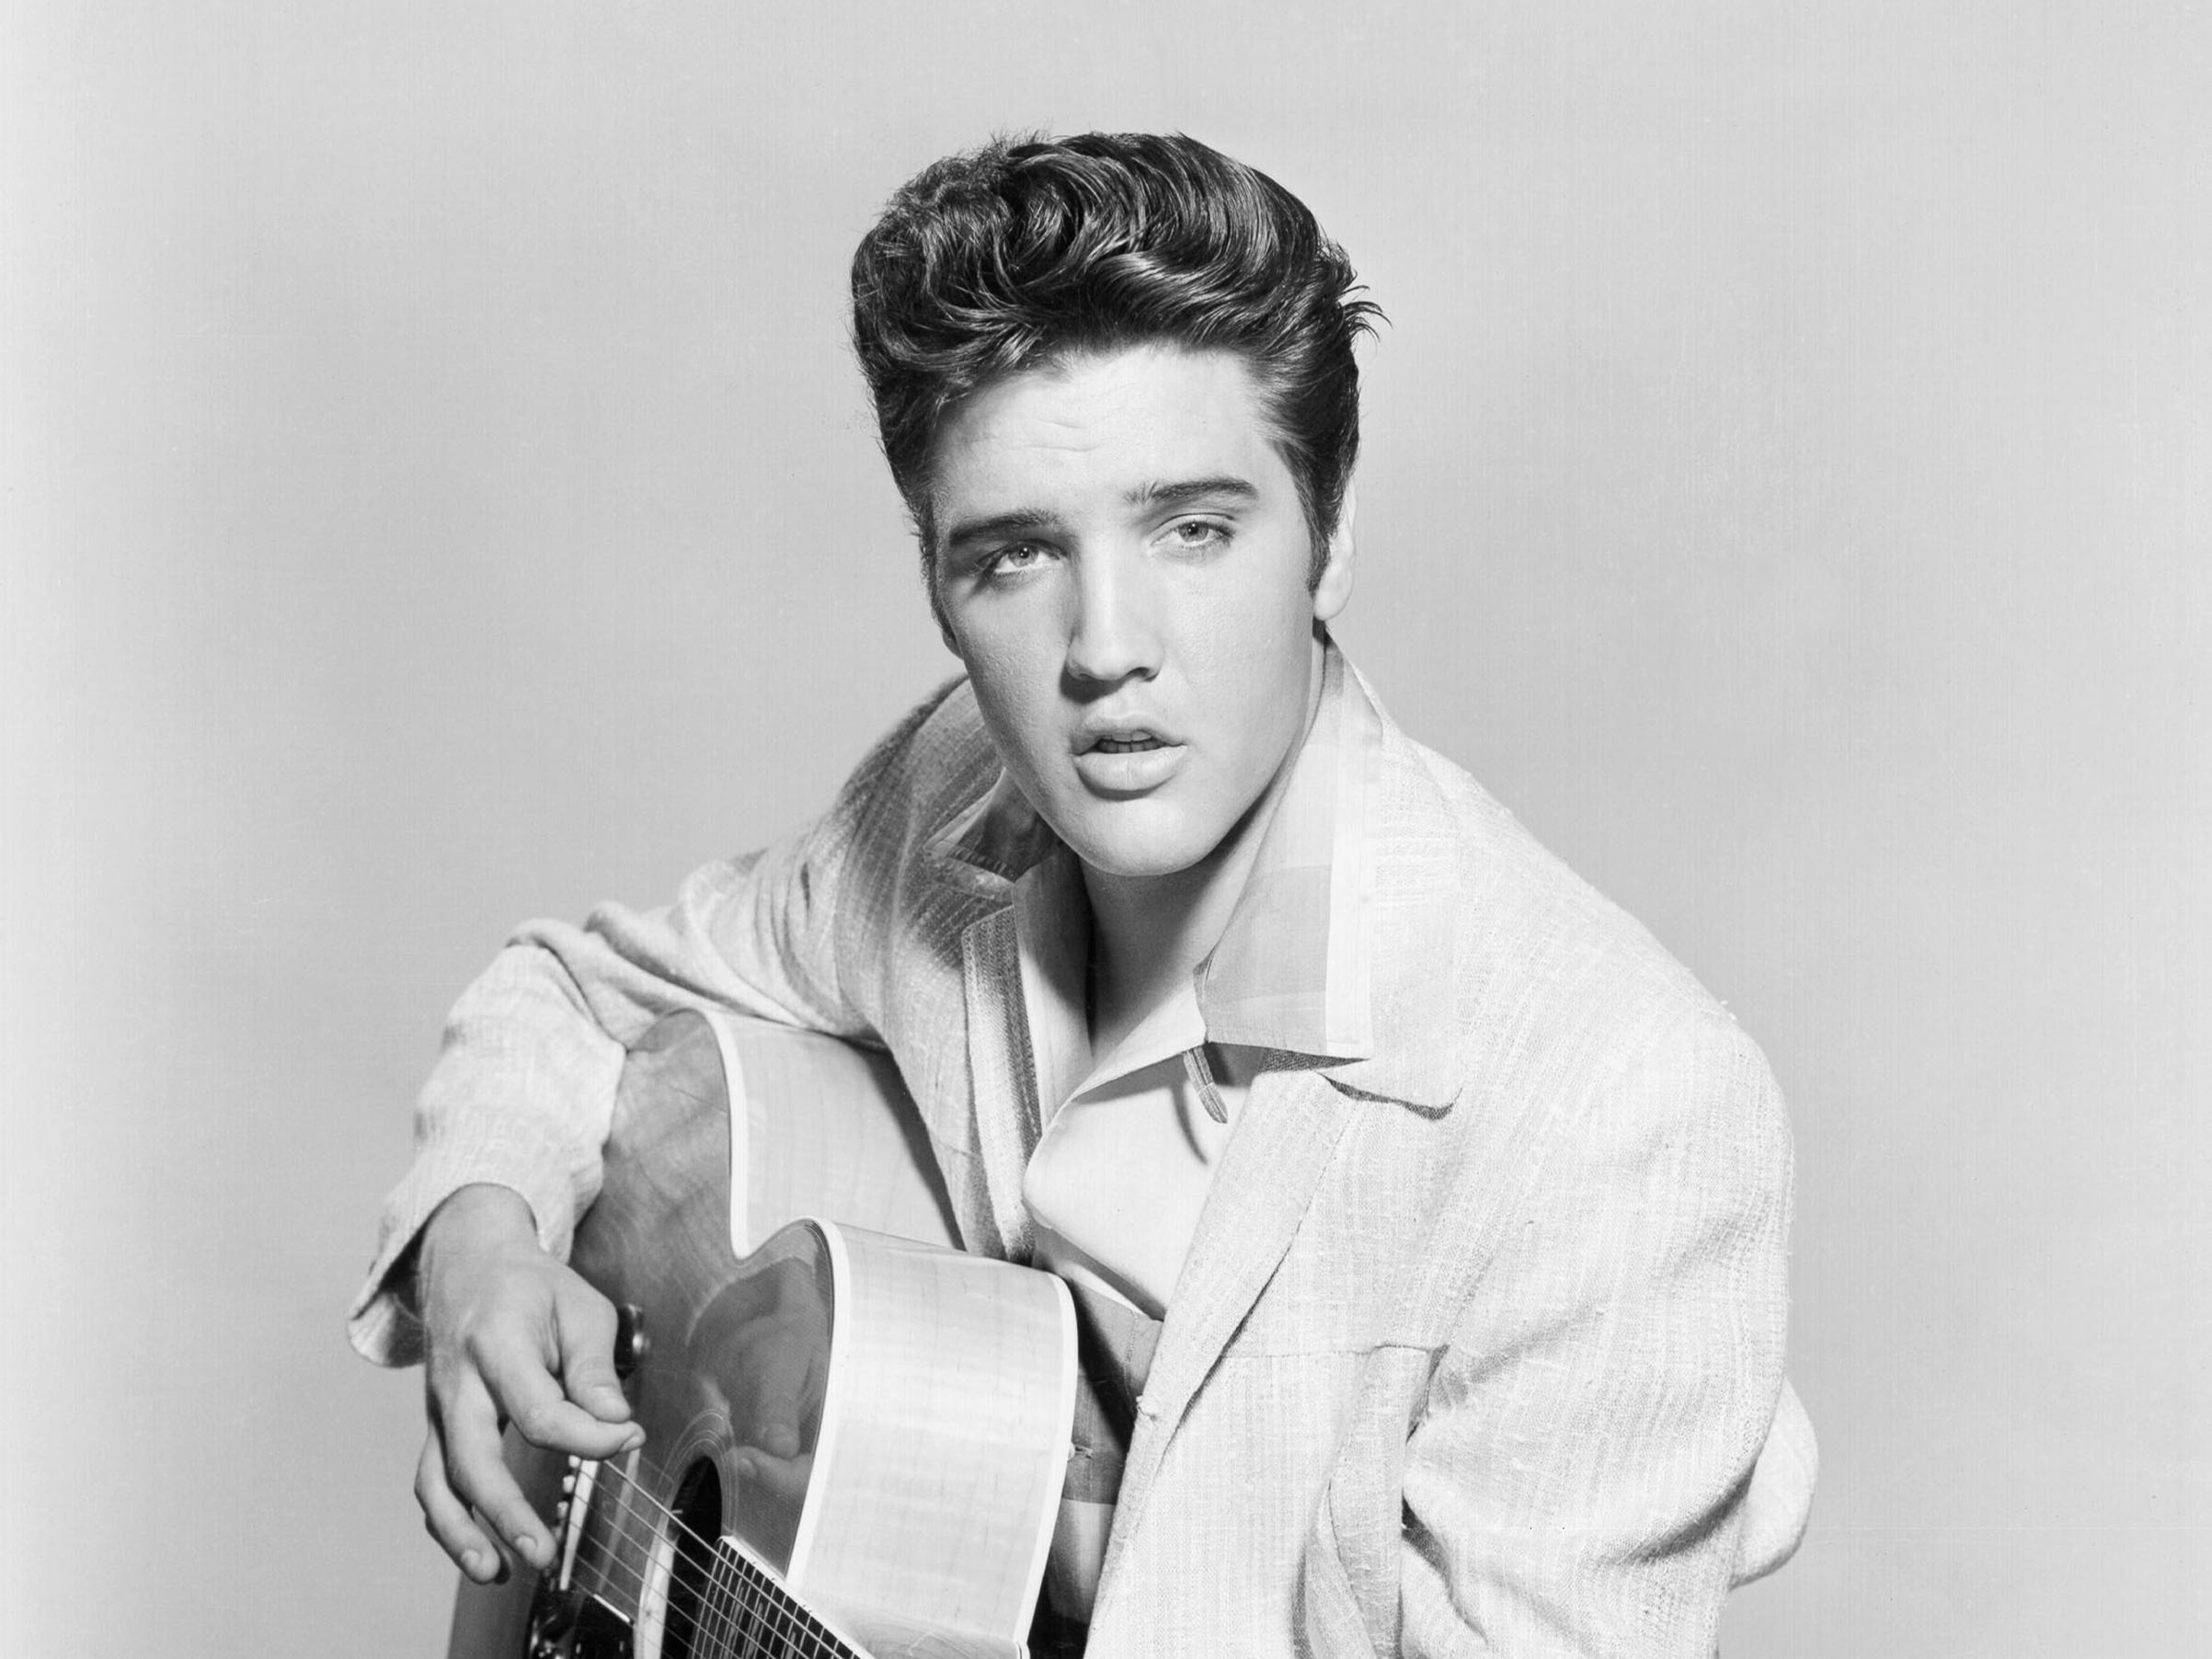 El Show De Elvis Presley Llega A México Diario Basta